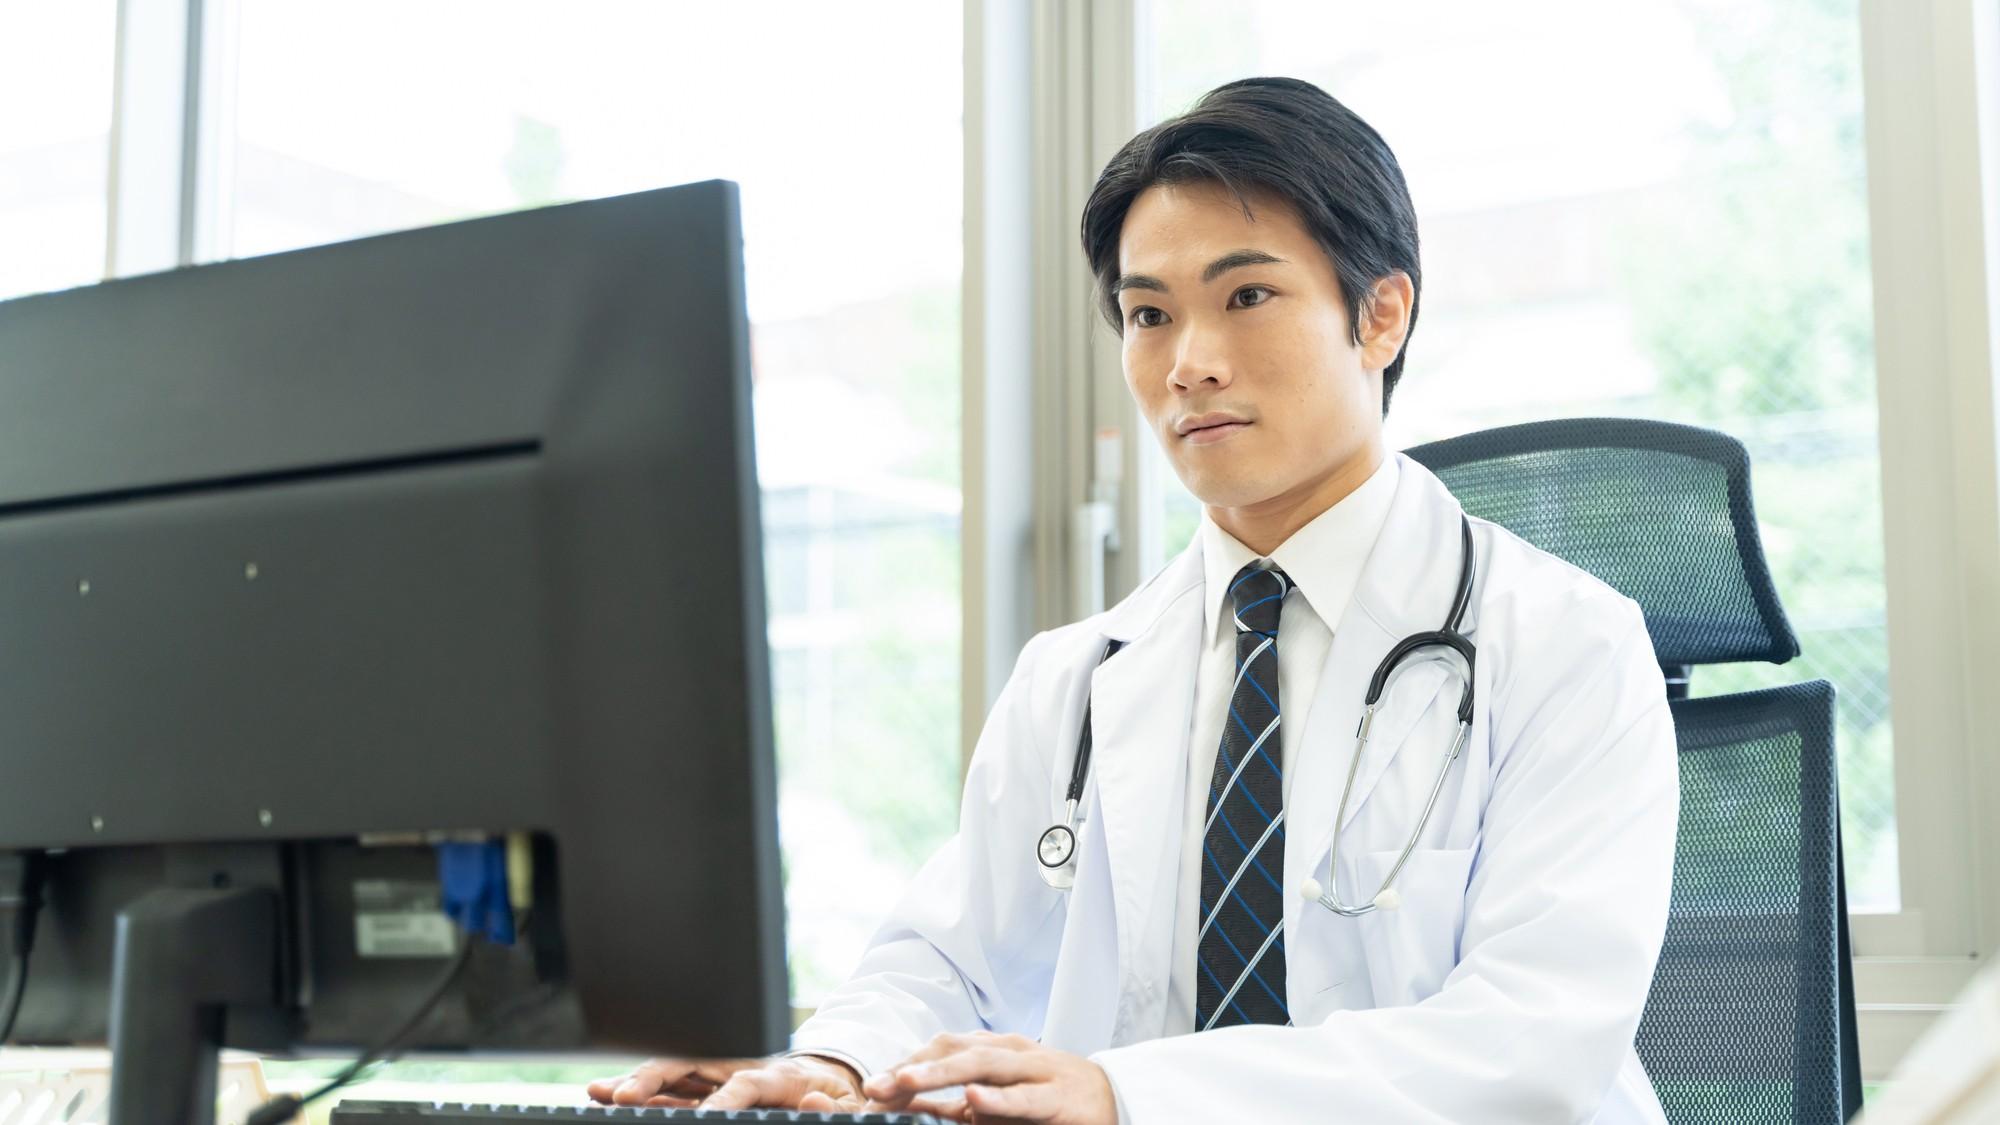 生涯年収は約4億円だが…医師こそ「不動産投資」をすべき理由